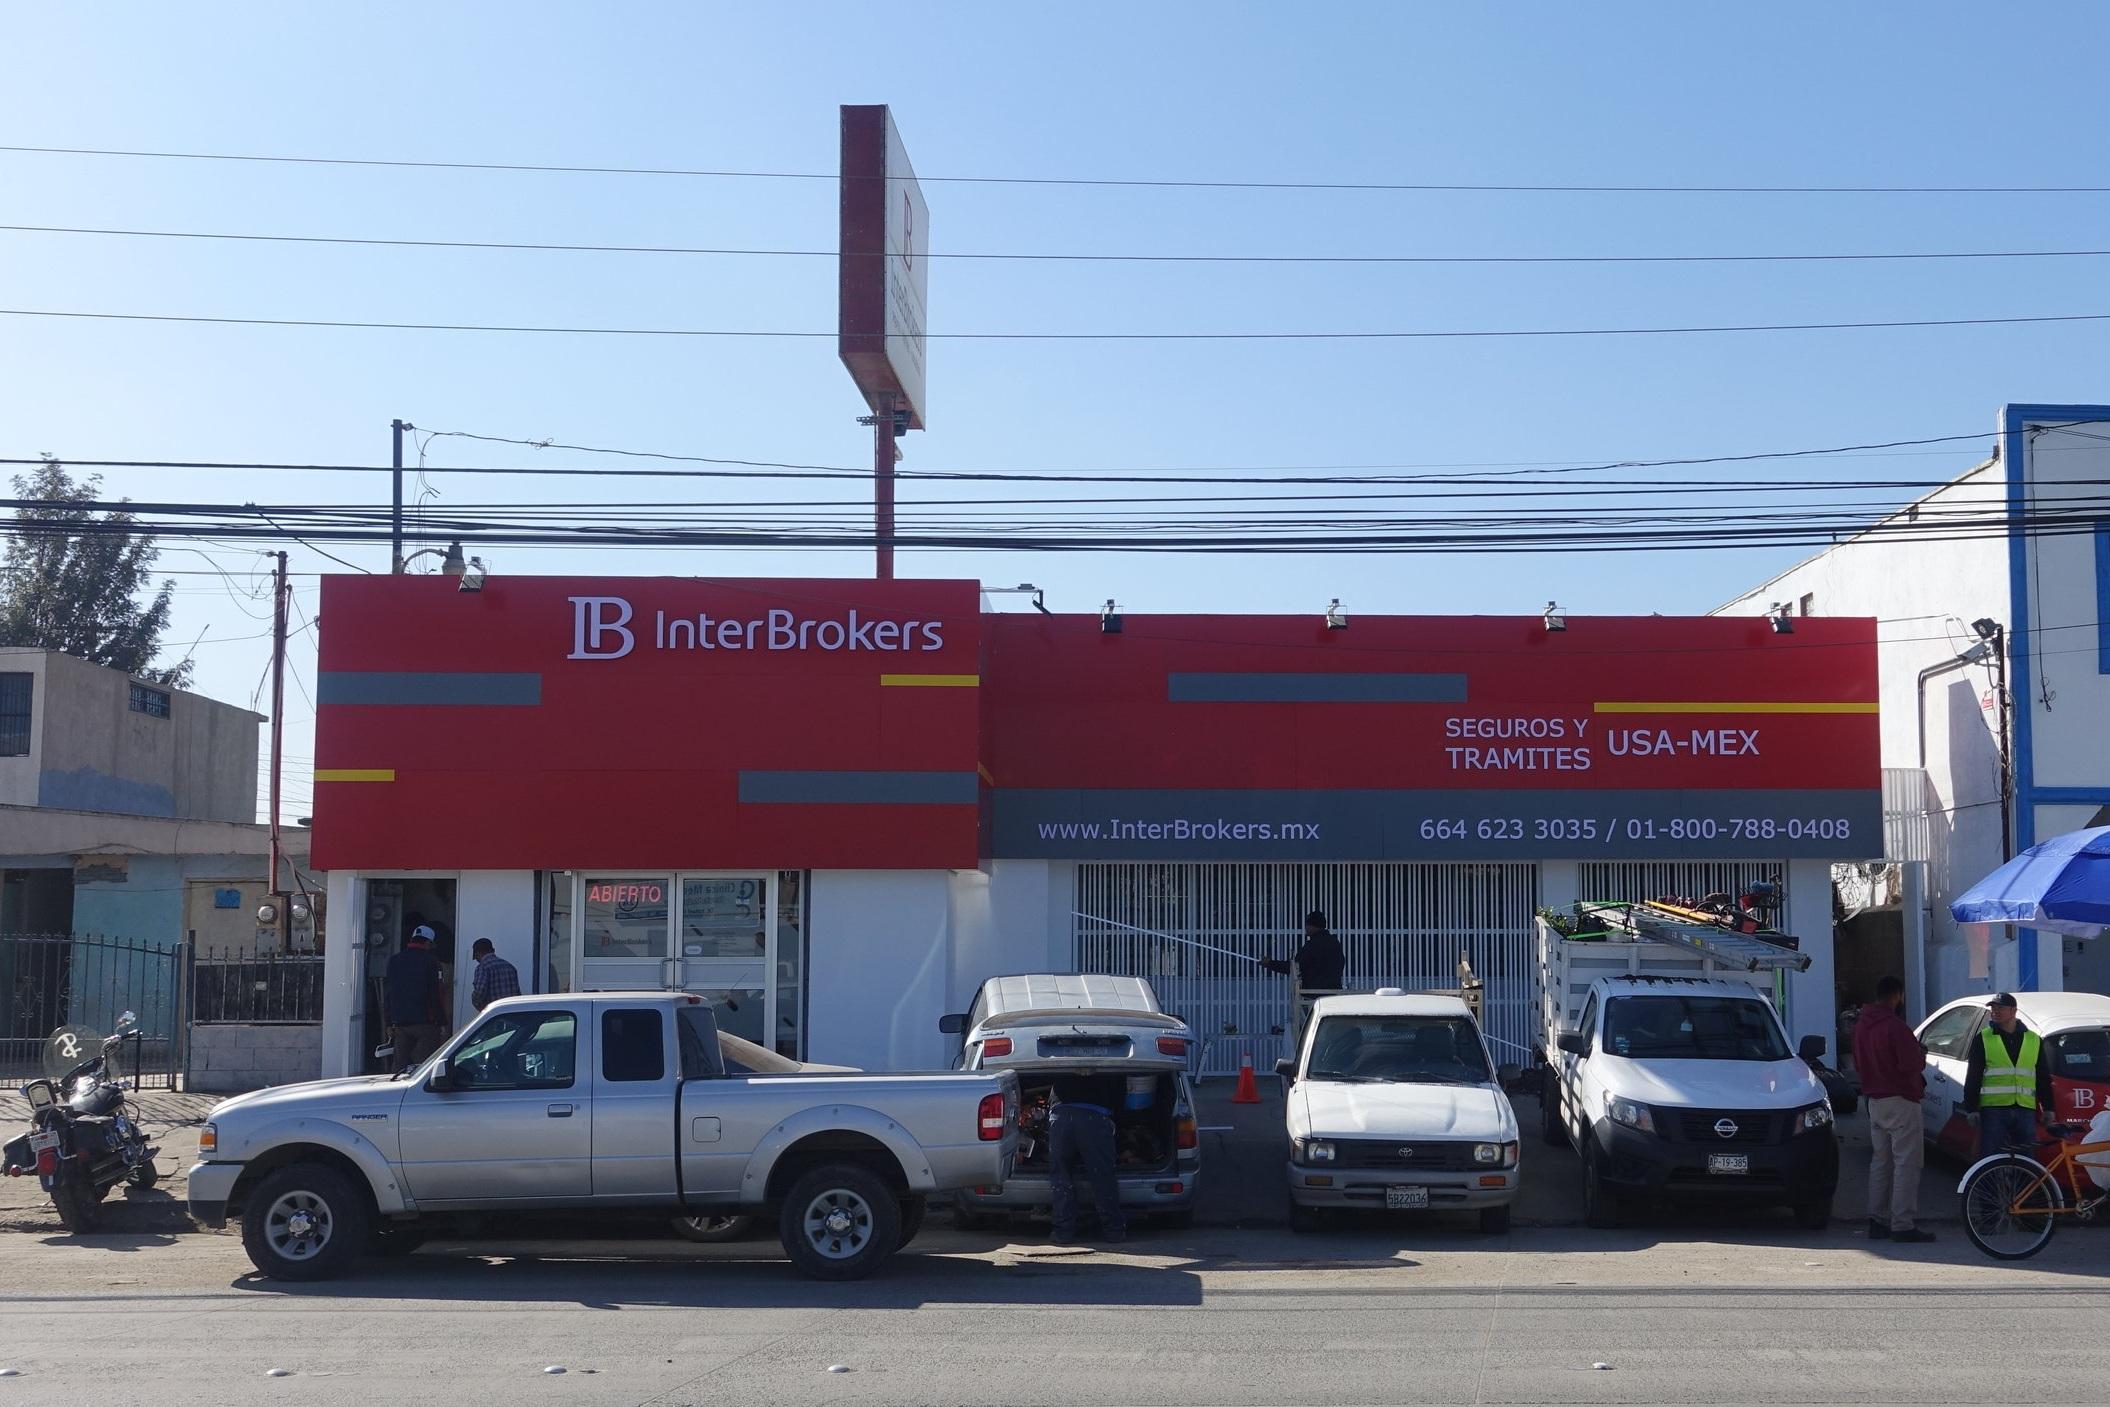 Interbrokers - Seguros y Trámites USA/MEX